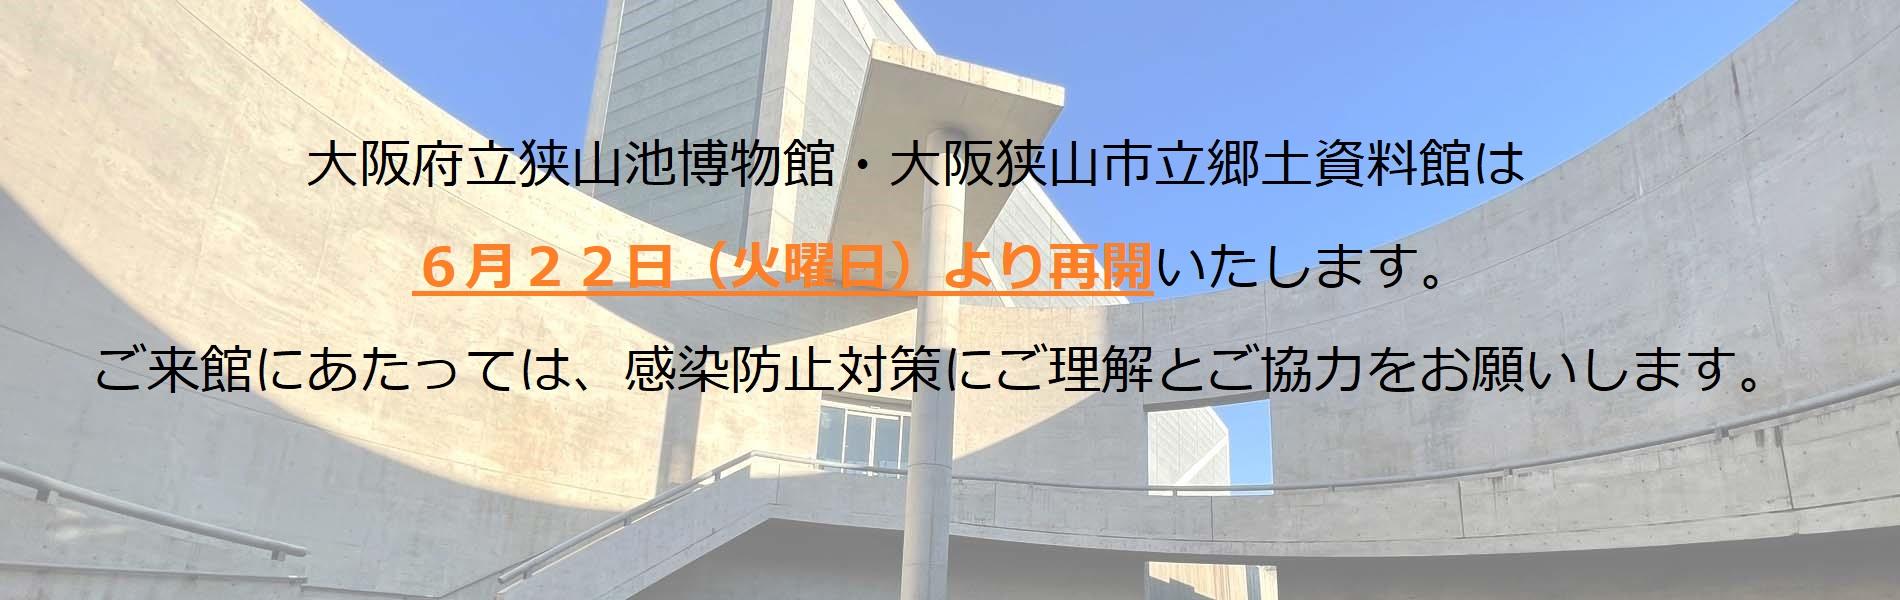 令和3年6月22日より再開します。